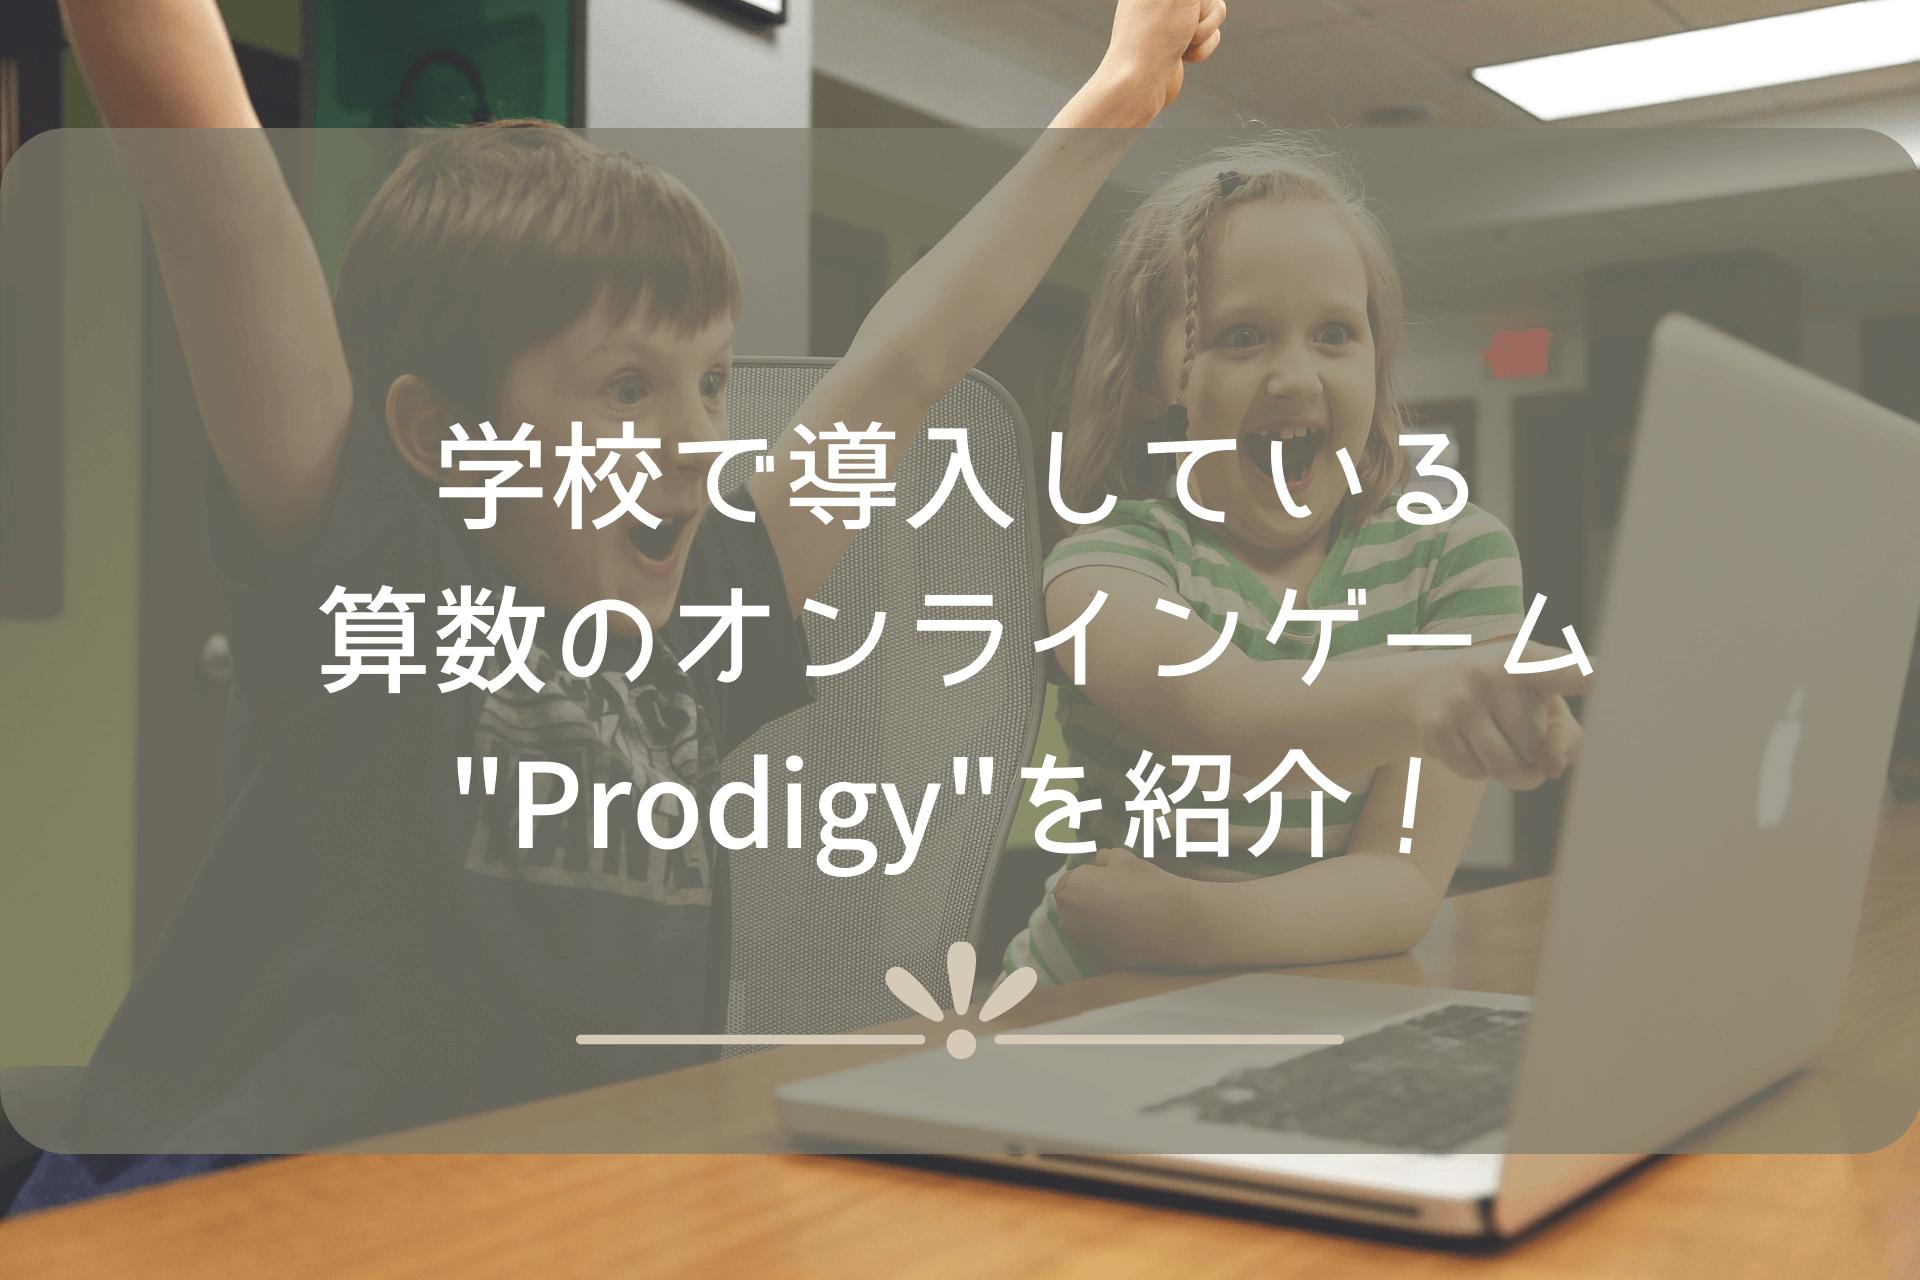 学校で導入している算数のオンラインゲームProdigyを紹介!